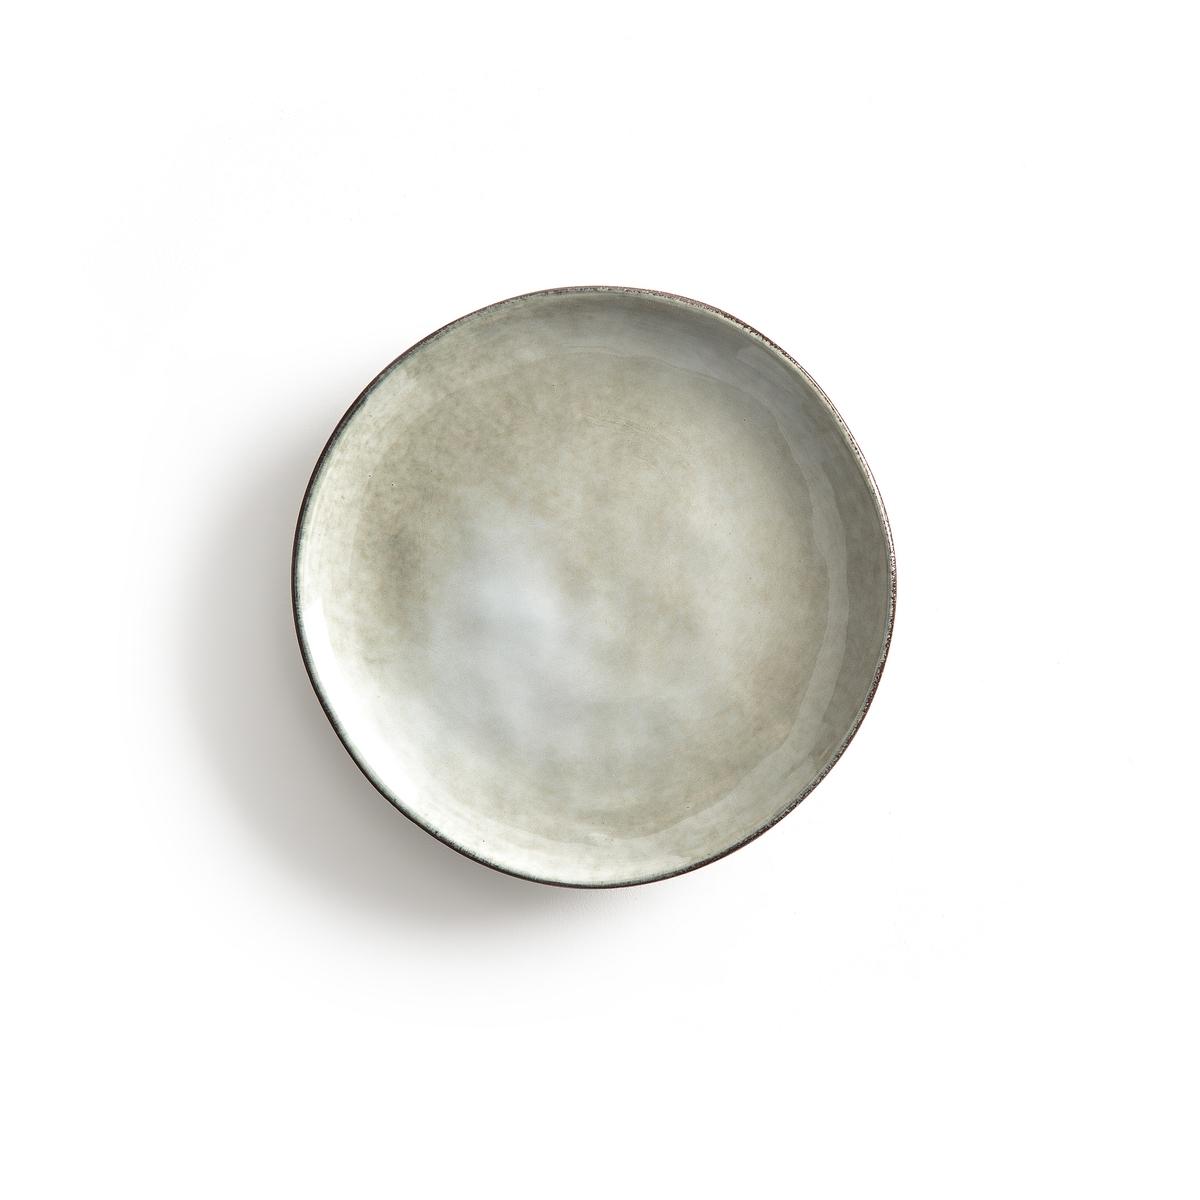 Комплект из 4 десертных тарелок из керамики Horciag комплект из 4 мелких тарелок из керамики olazhi